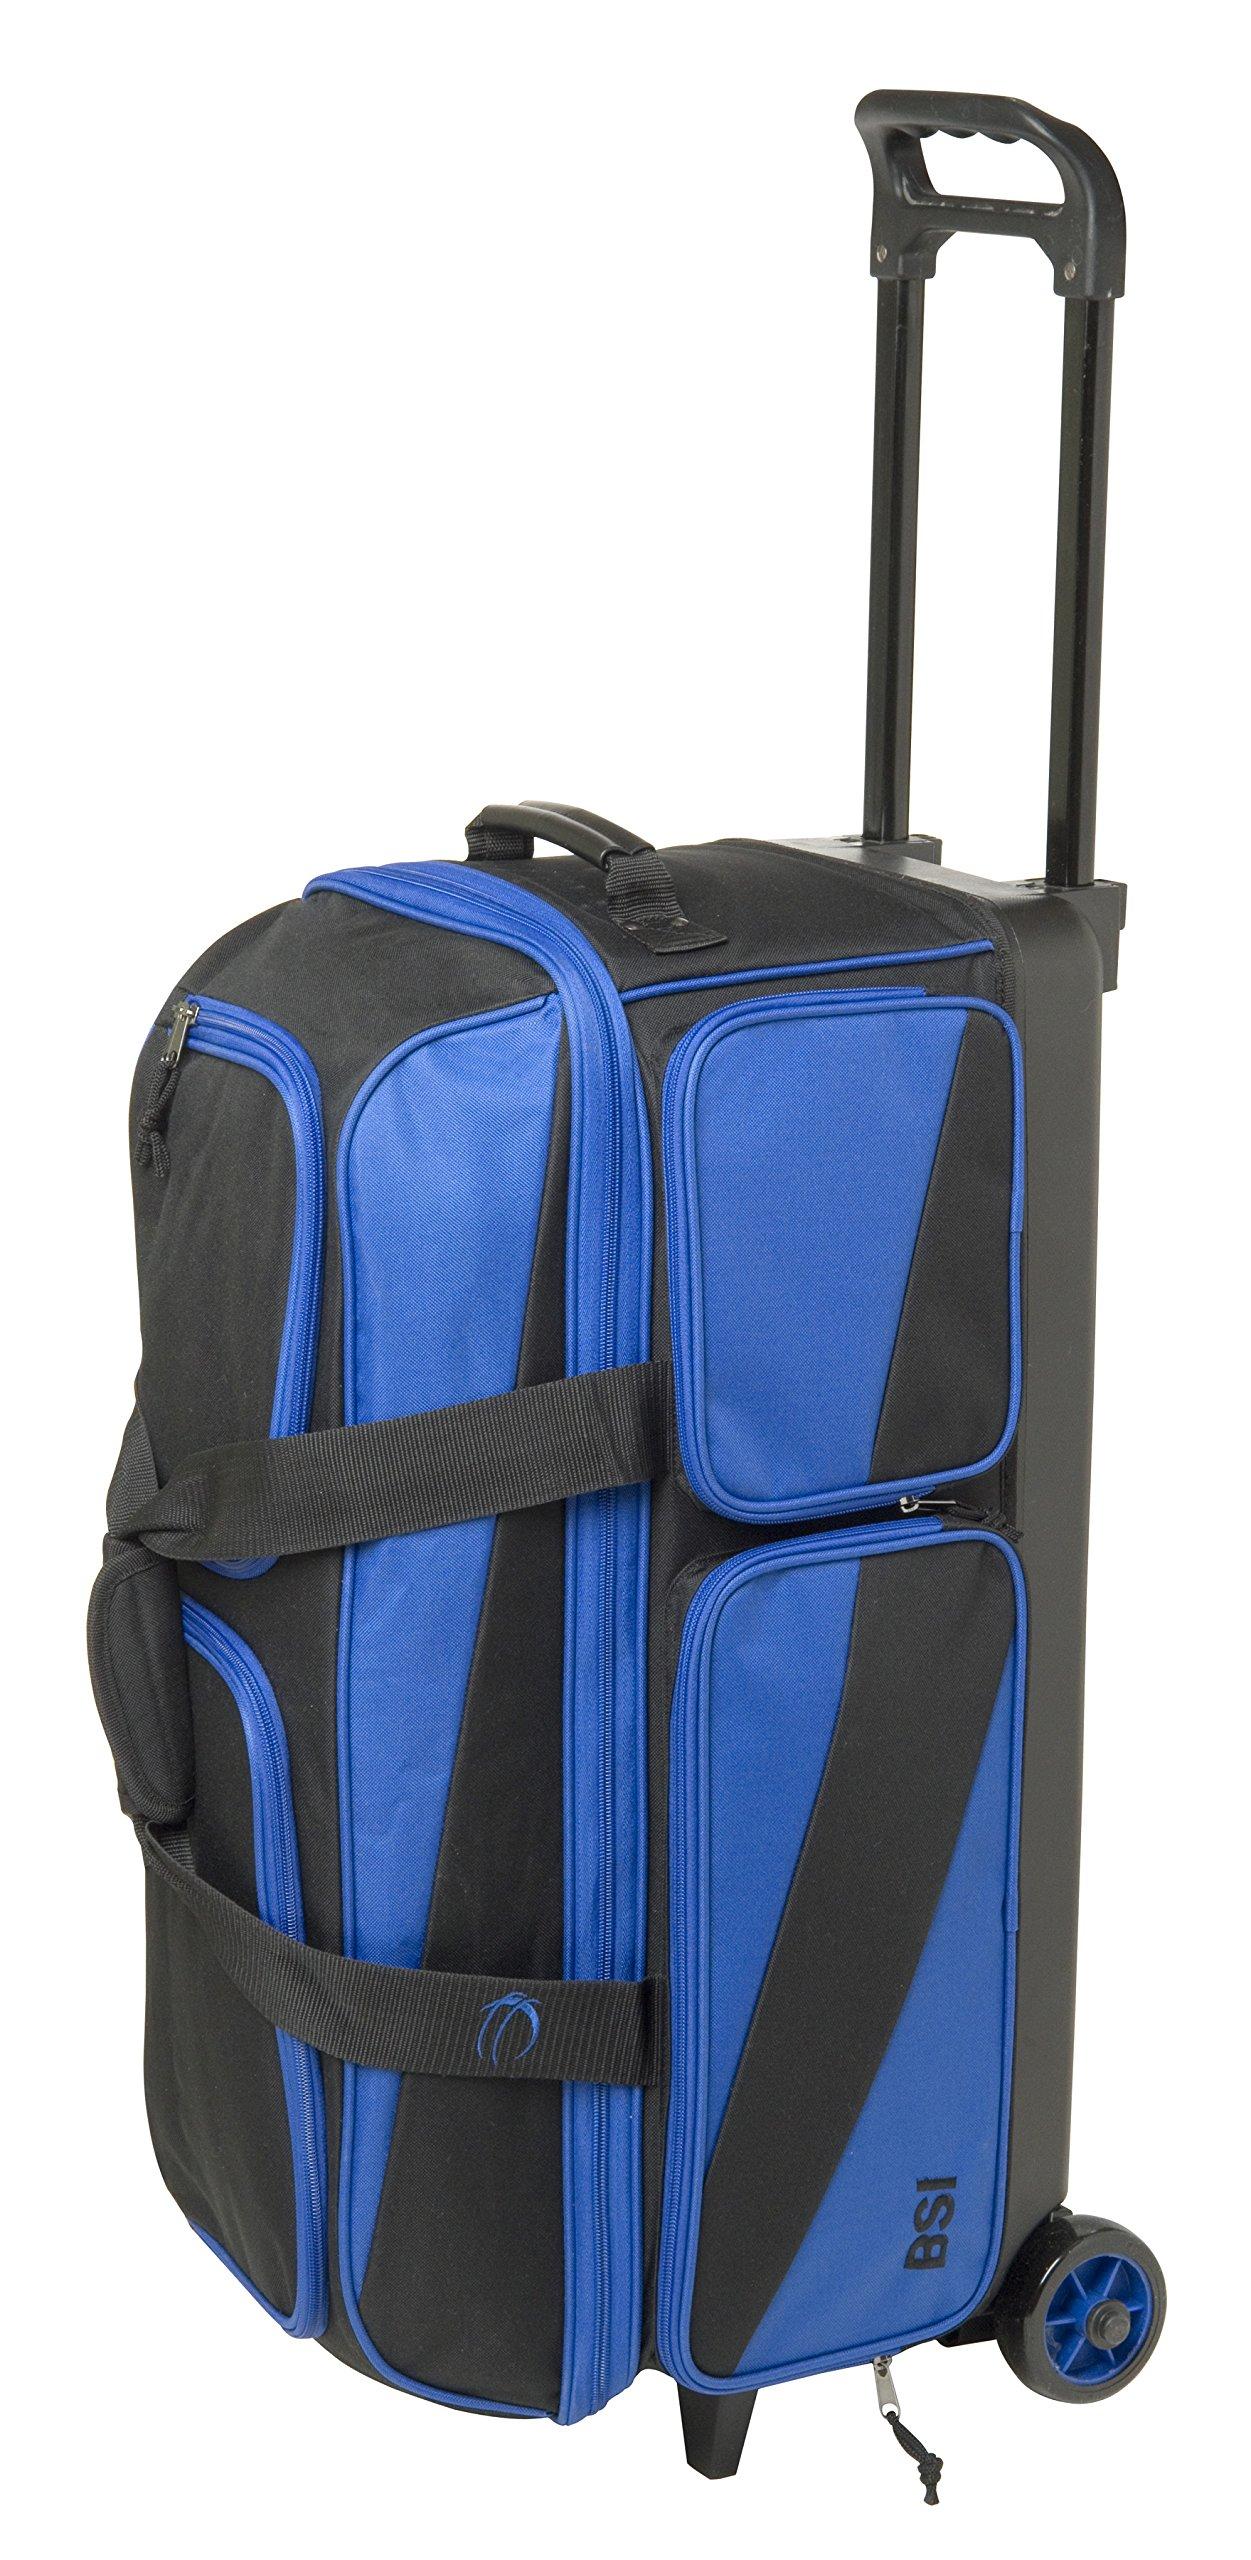 BSI 4301 Triple Roller Bag, Blue/Black